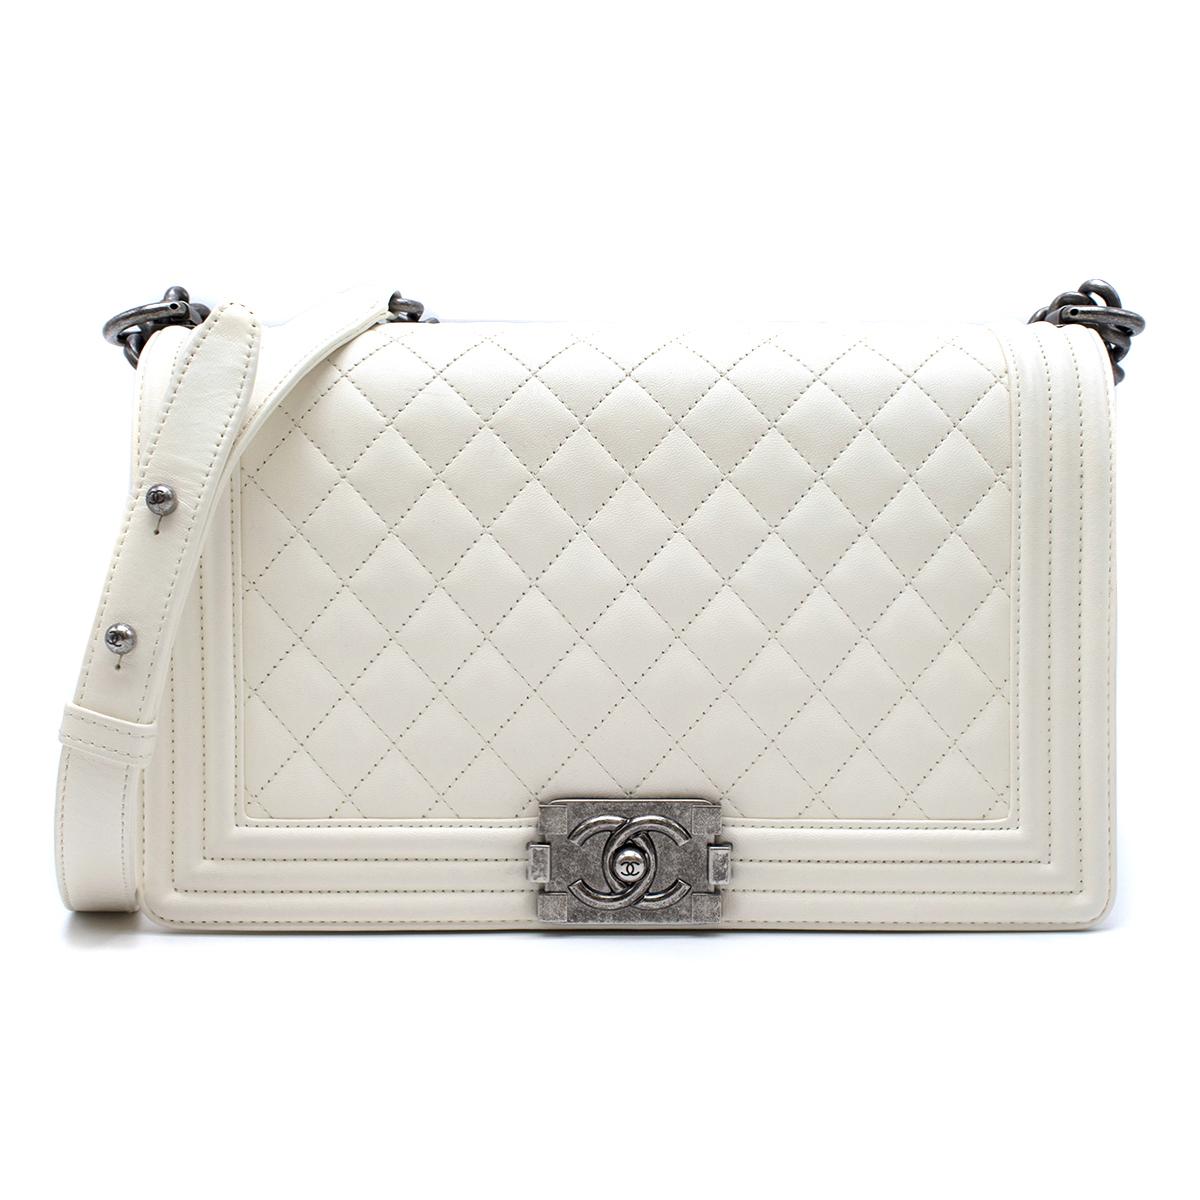 Chanel Large White Boy Bag